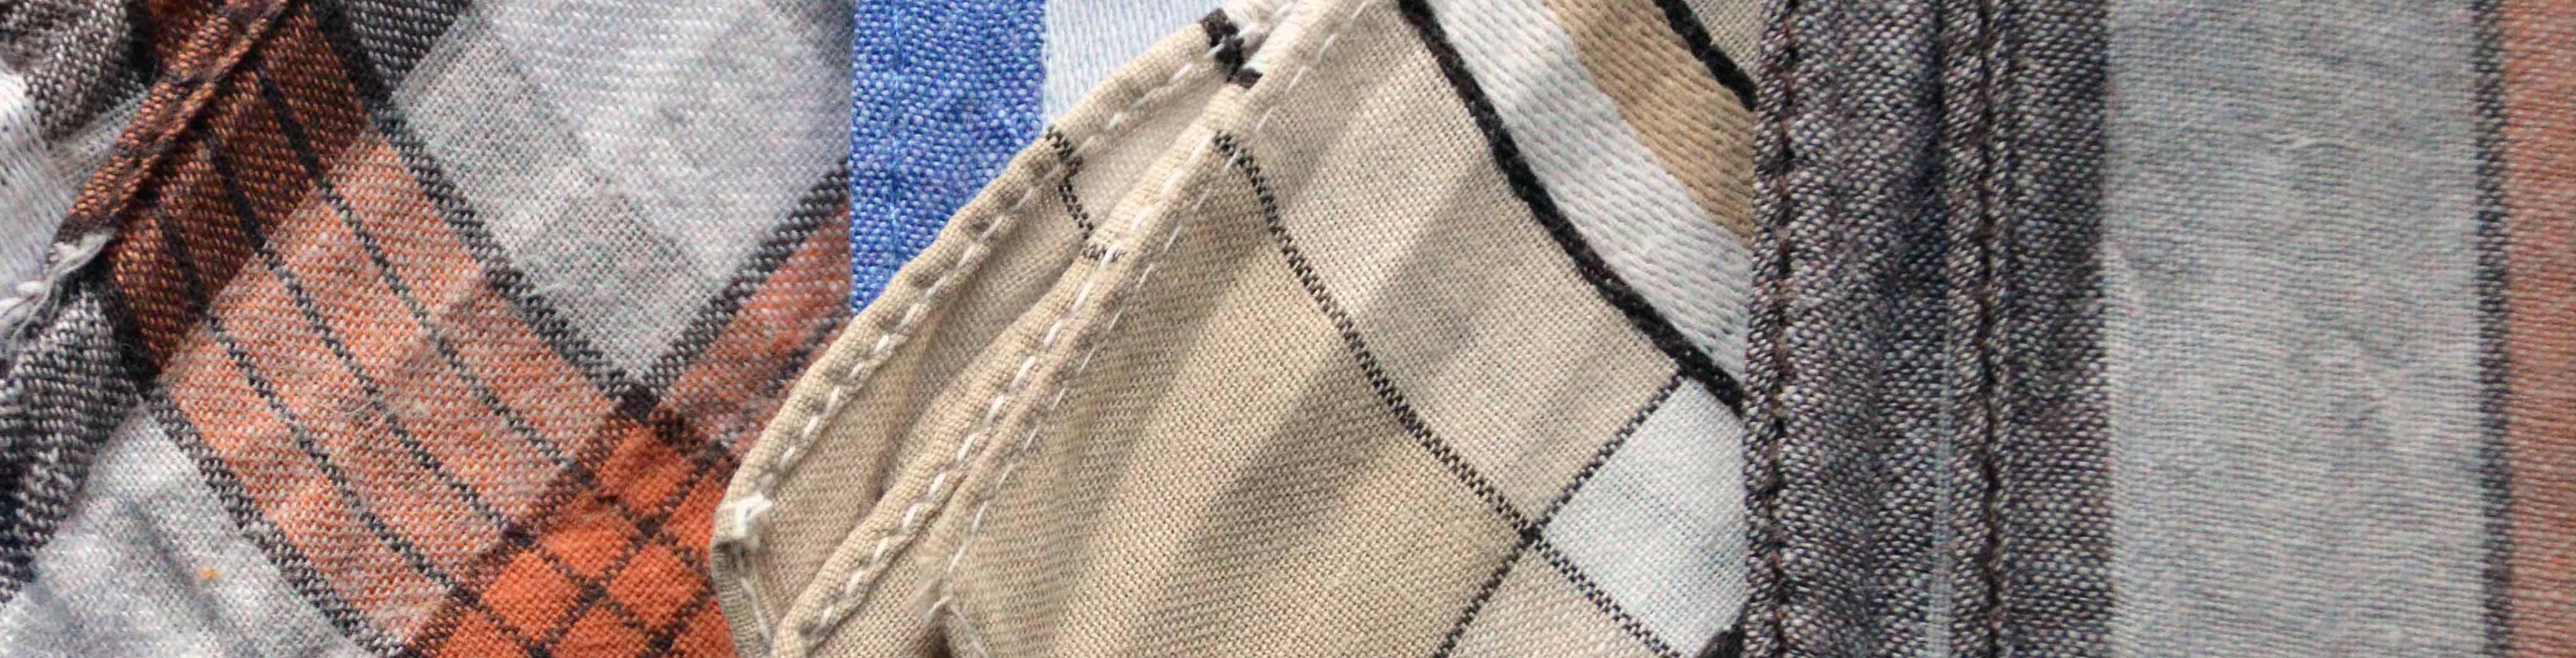 mouchoirs-tissu-réutilisable-zéro-déchet